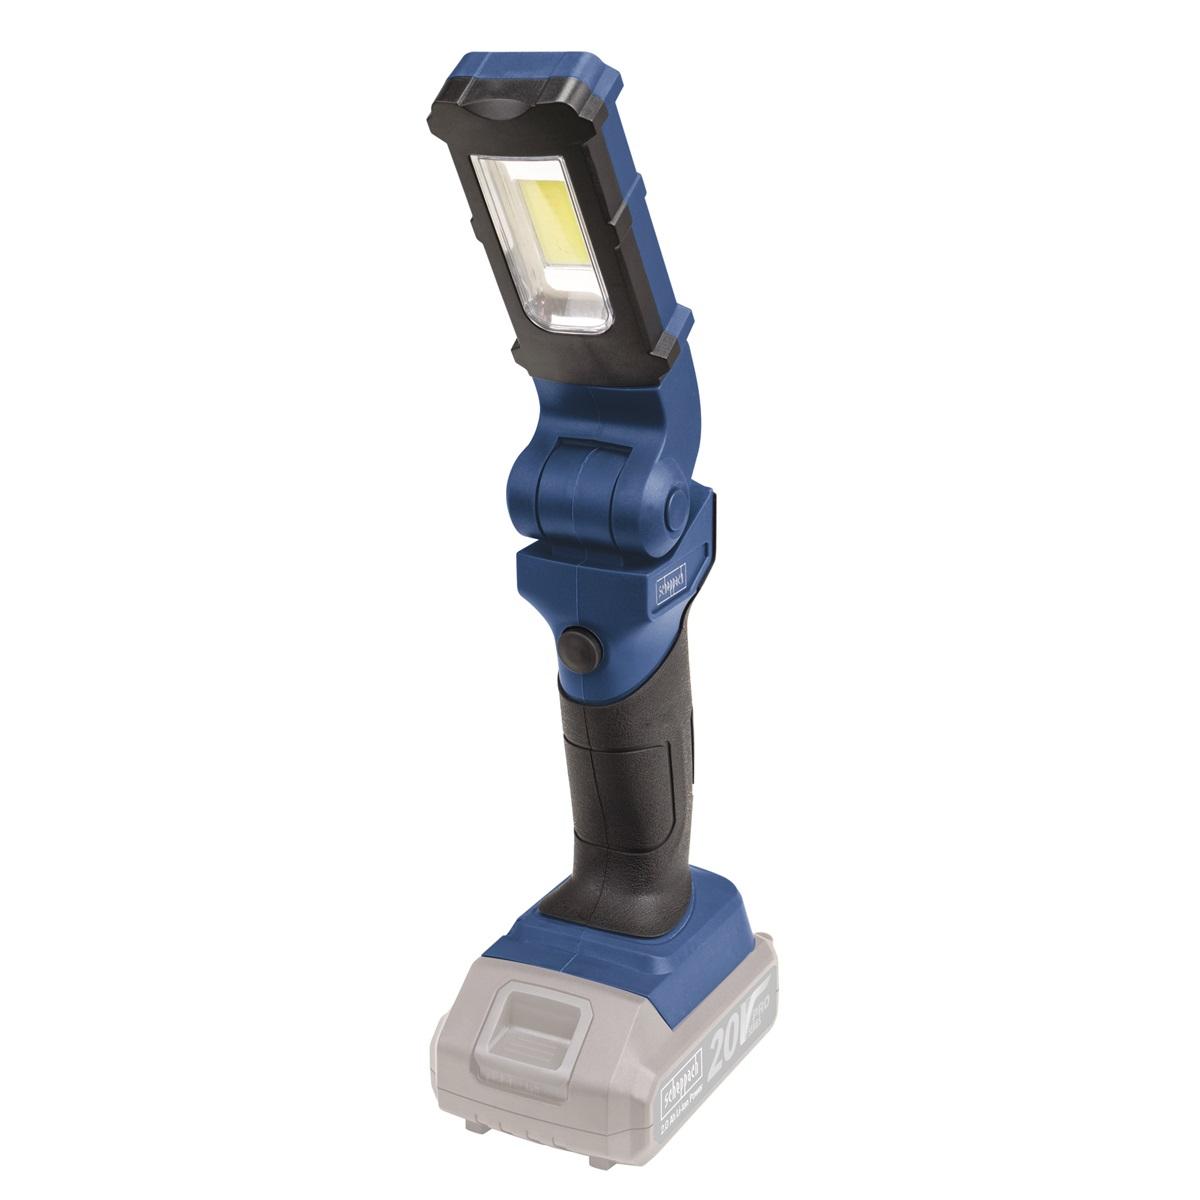 aku svítilna 20 V Scheppach CIL270 20 ProS